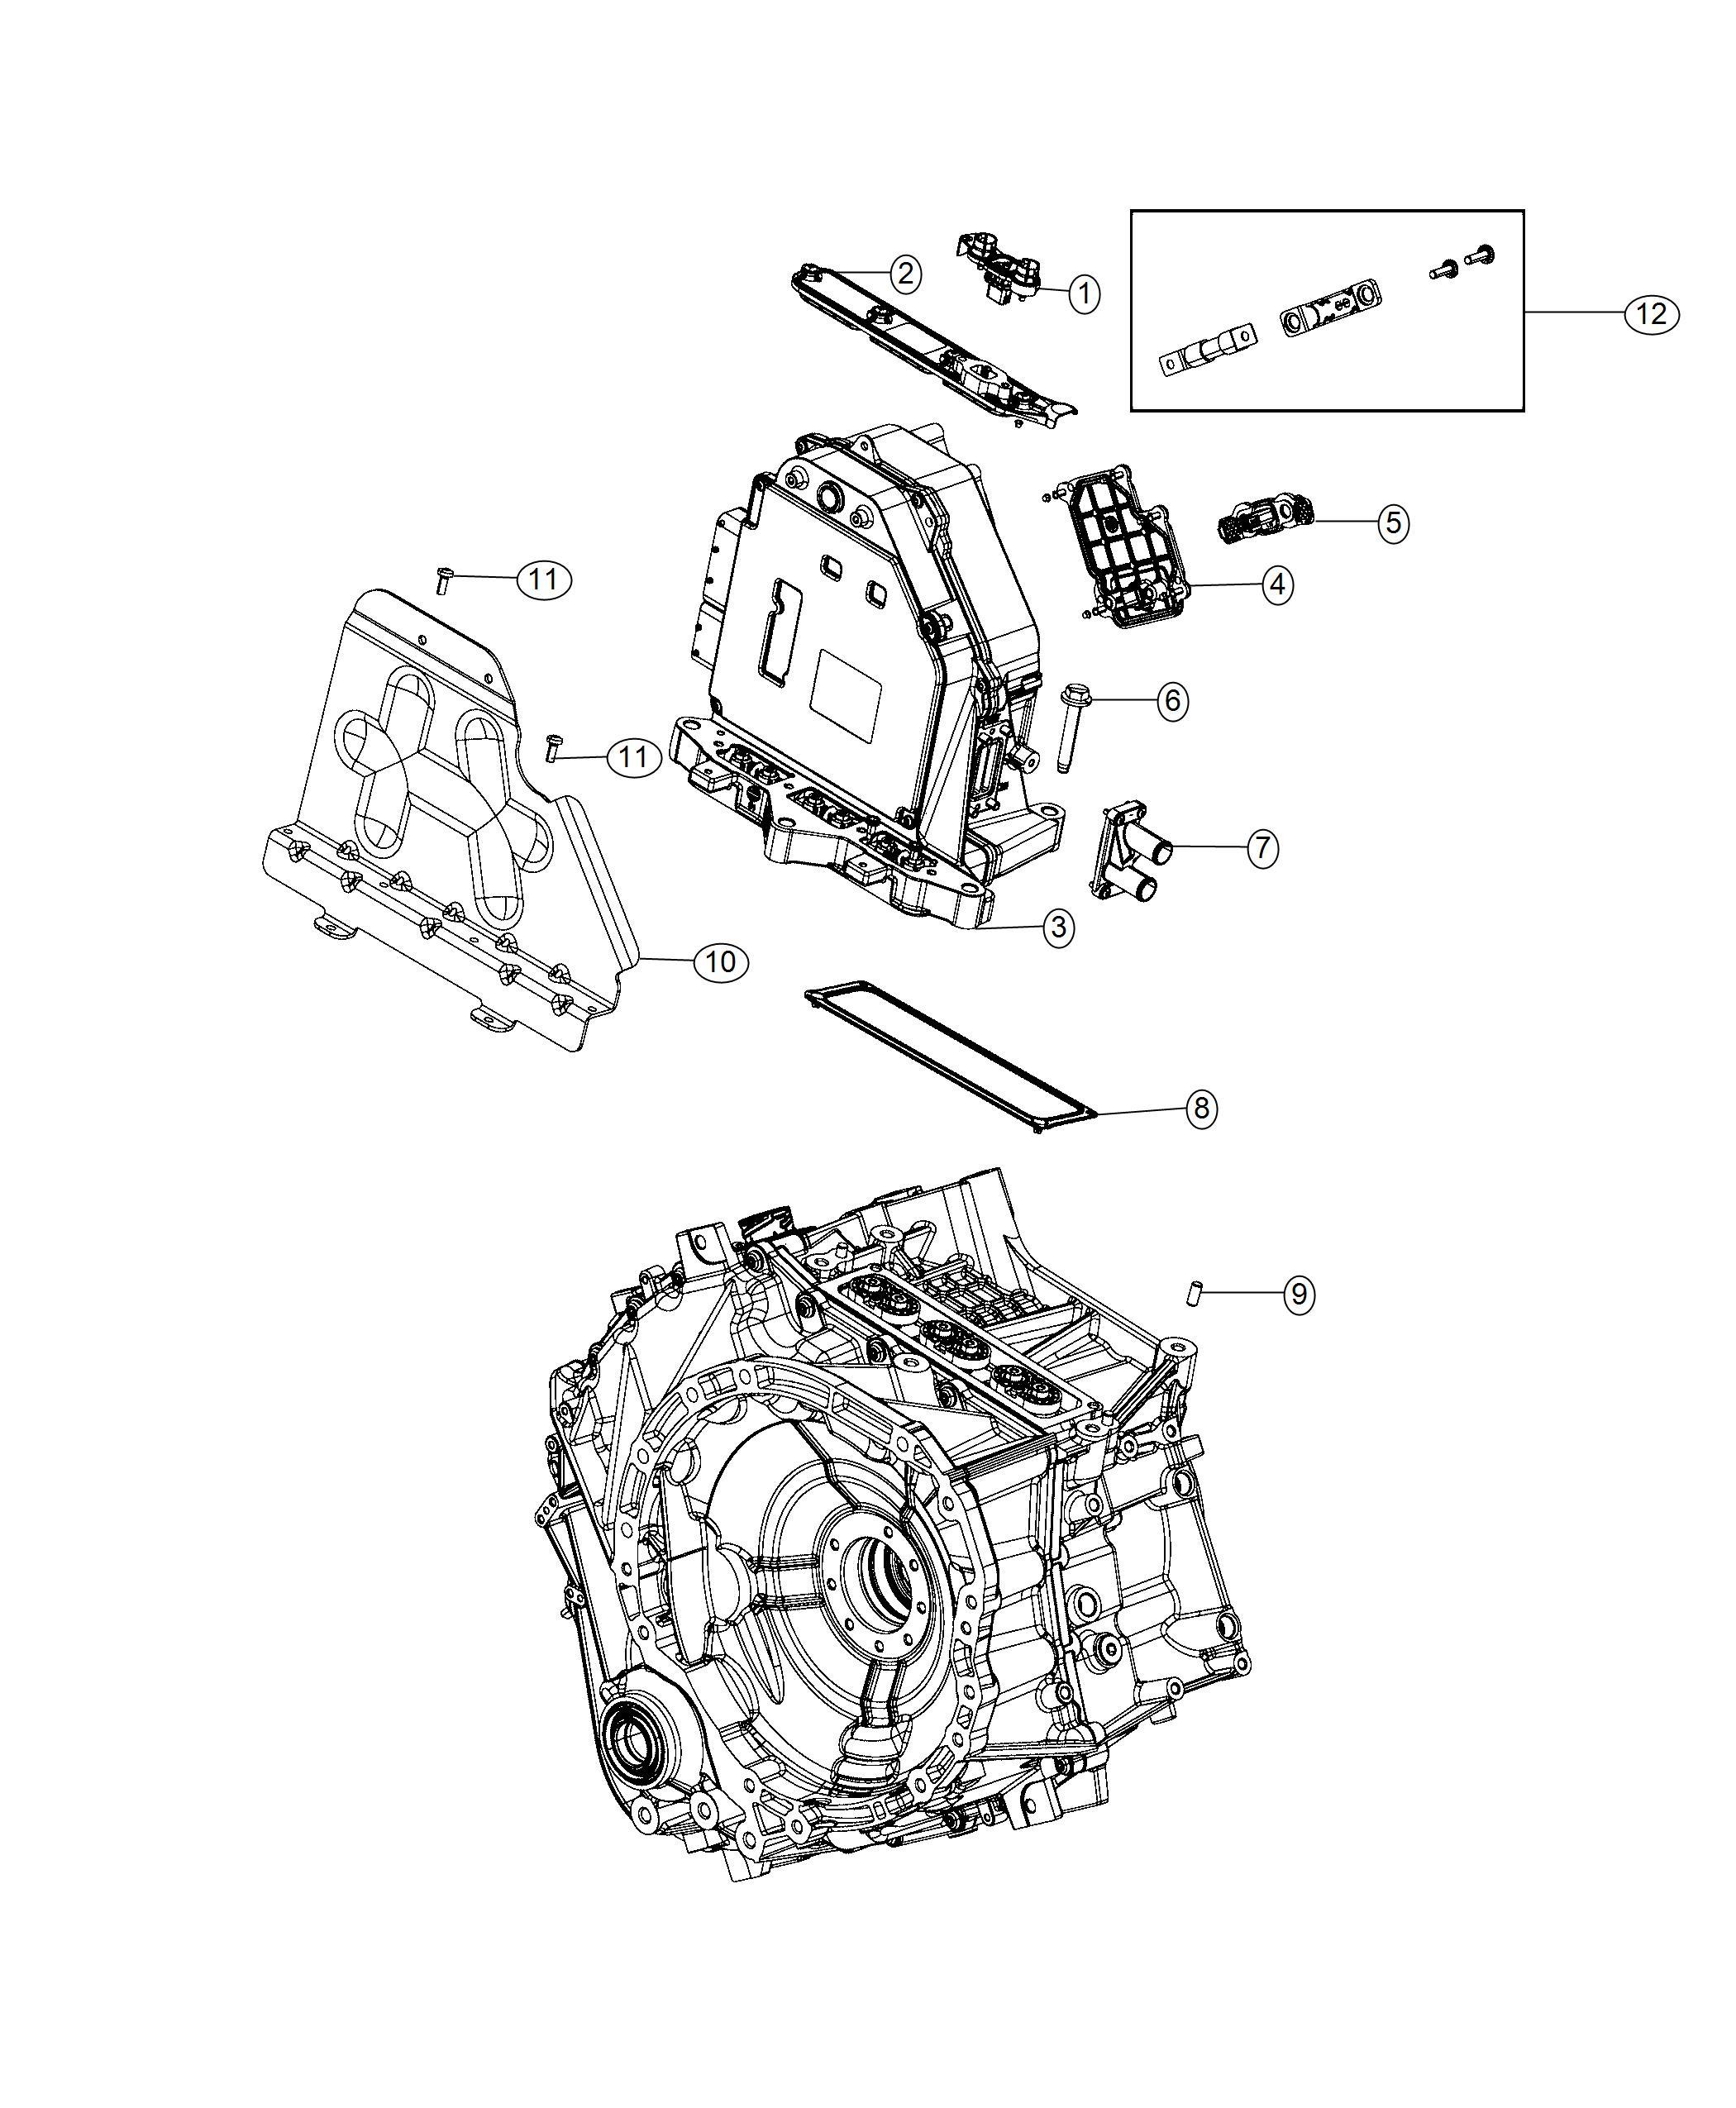 Chrysler PACIFICA L HYBRID Fuse. Power inverter module